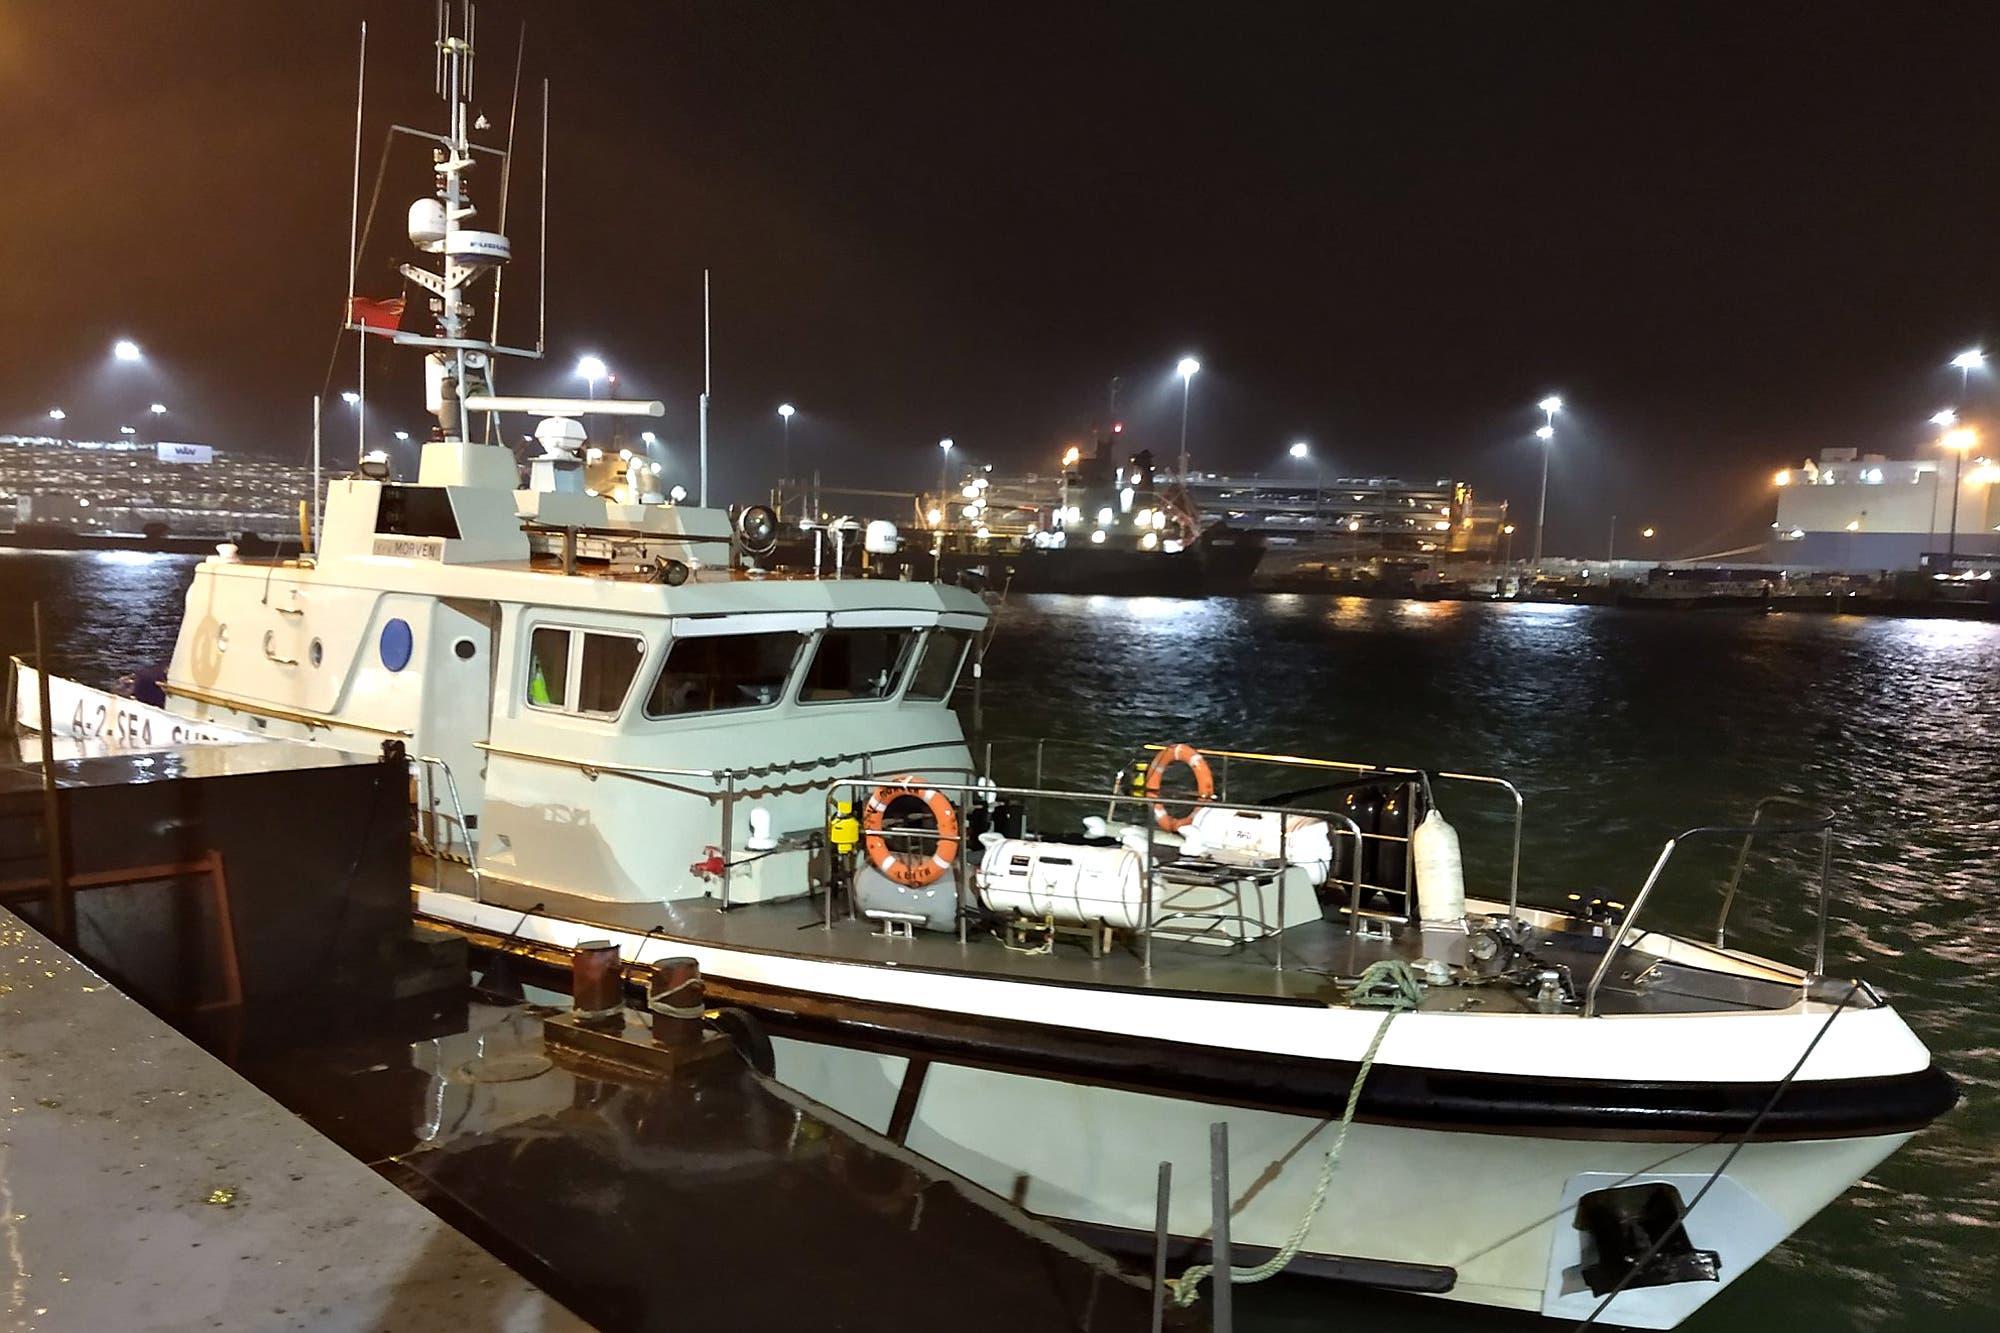 Cómo es el barco que llevará adelante la búsqueda del avión en el que viajaba Emiliano Sala